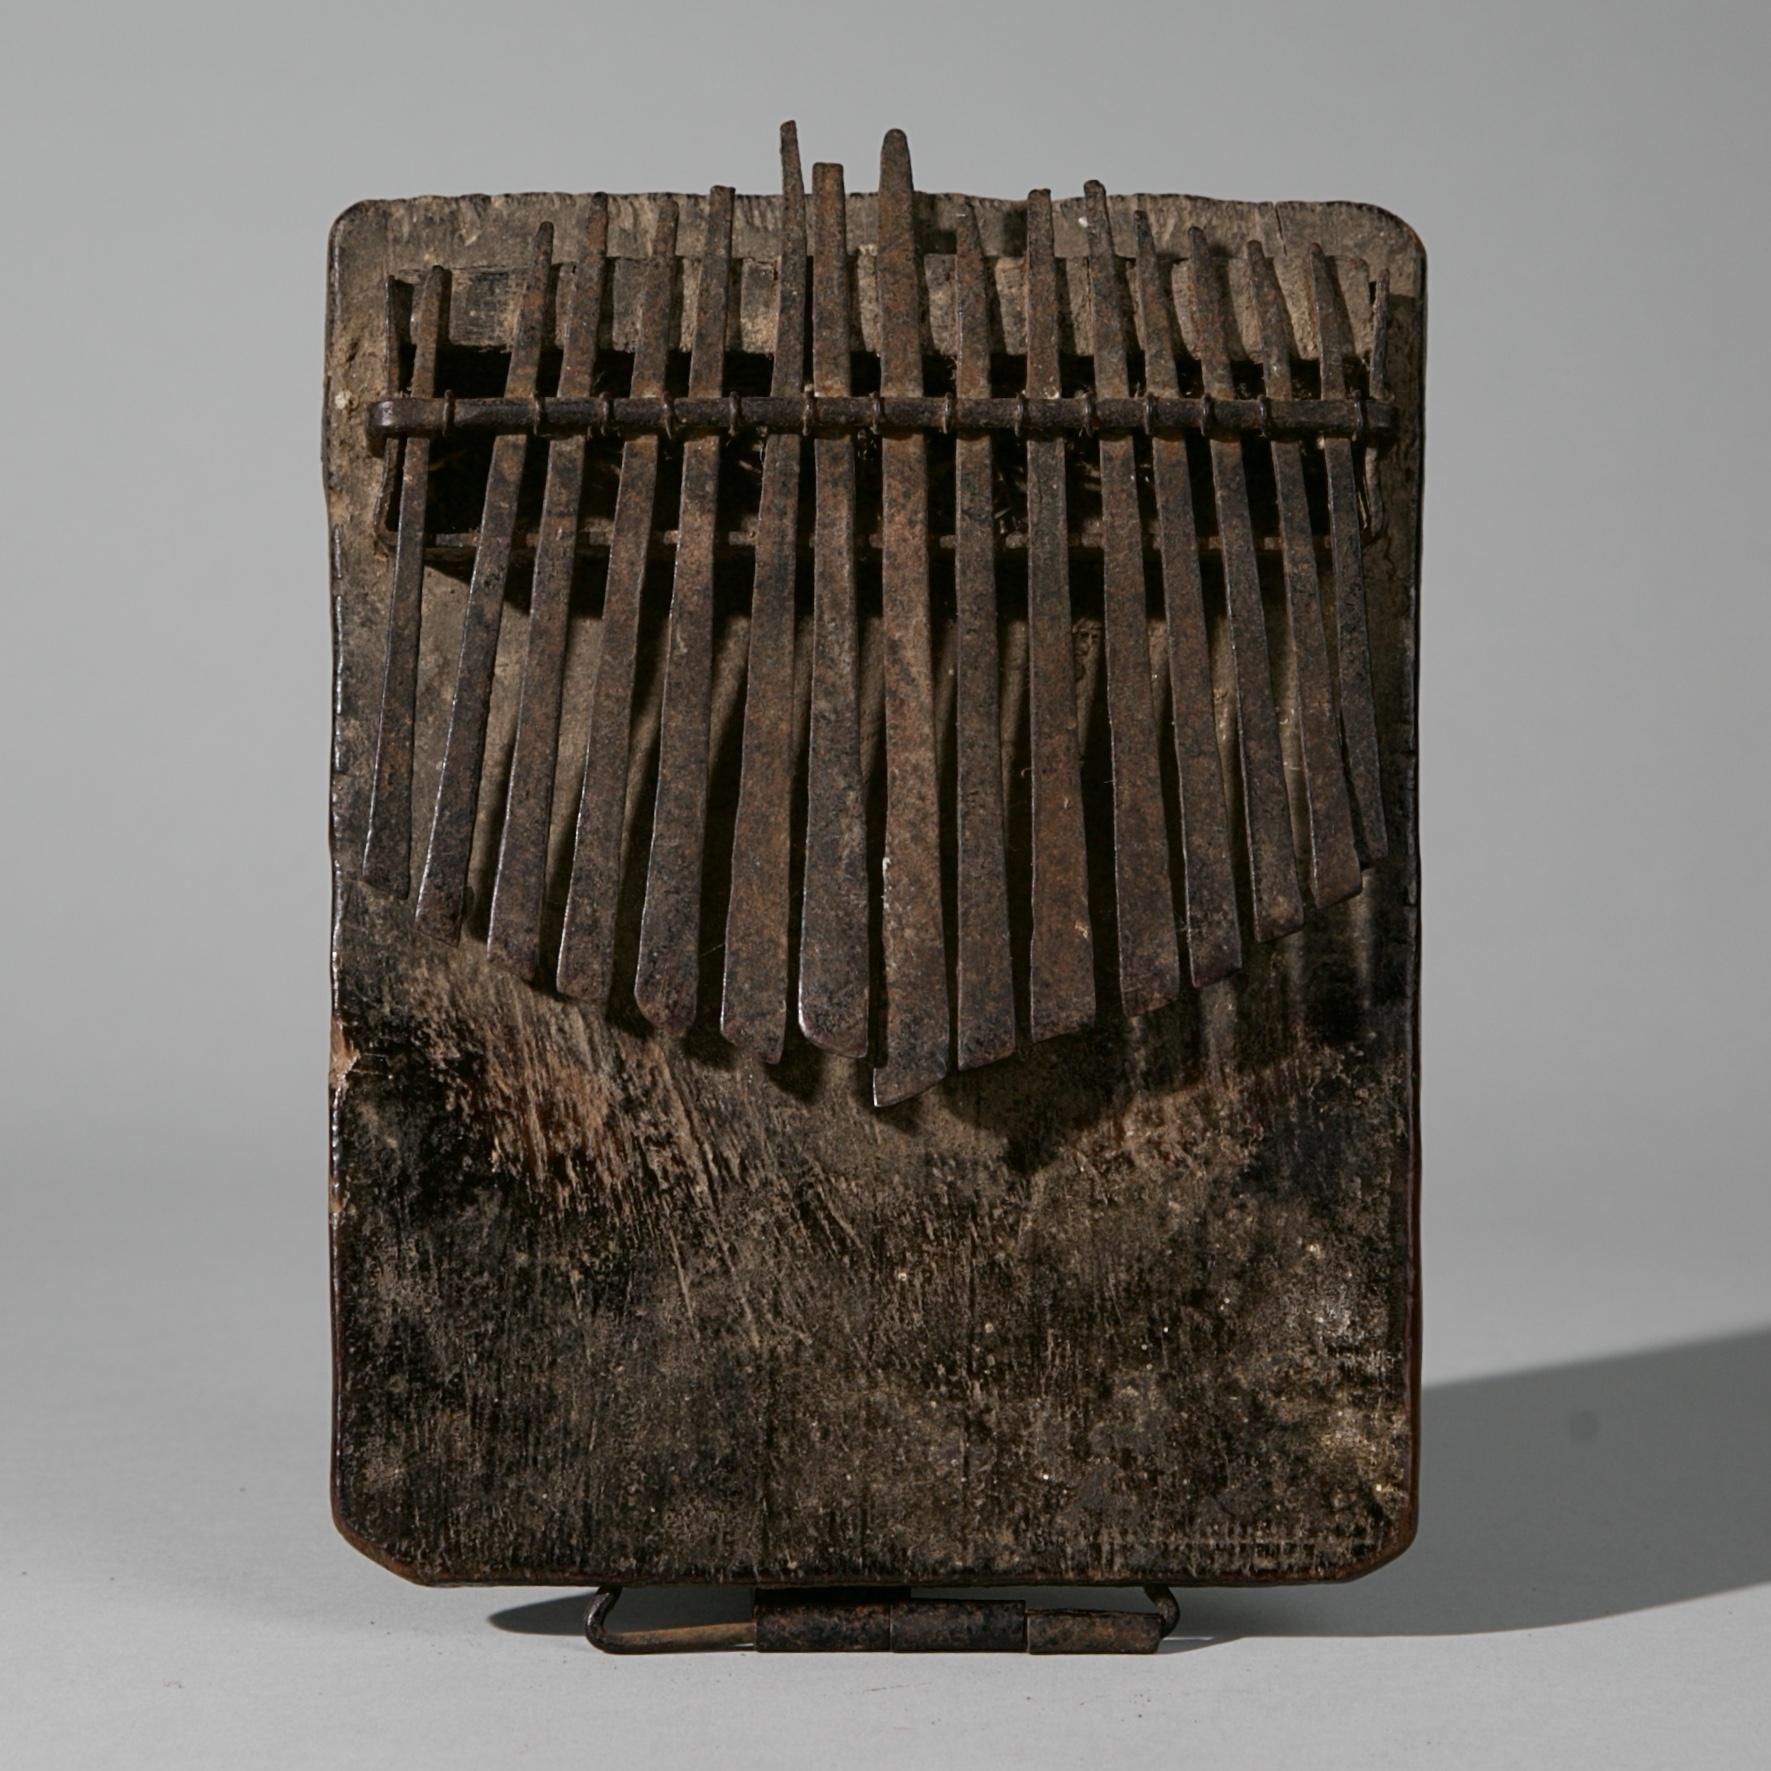 AN OLD THUMB PIANO, CHOKWE TRIBE  ANGOLA  ( No 3988 )